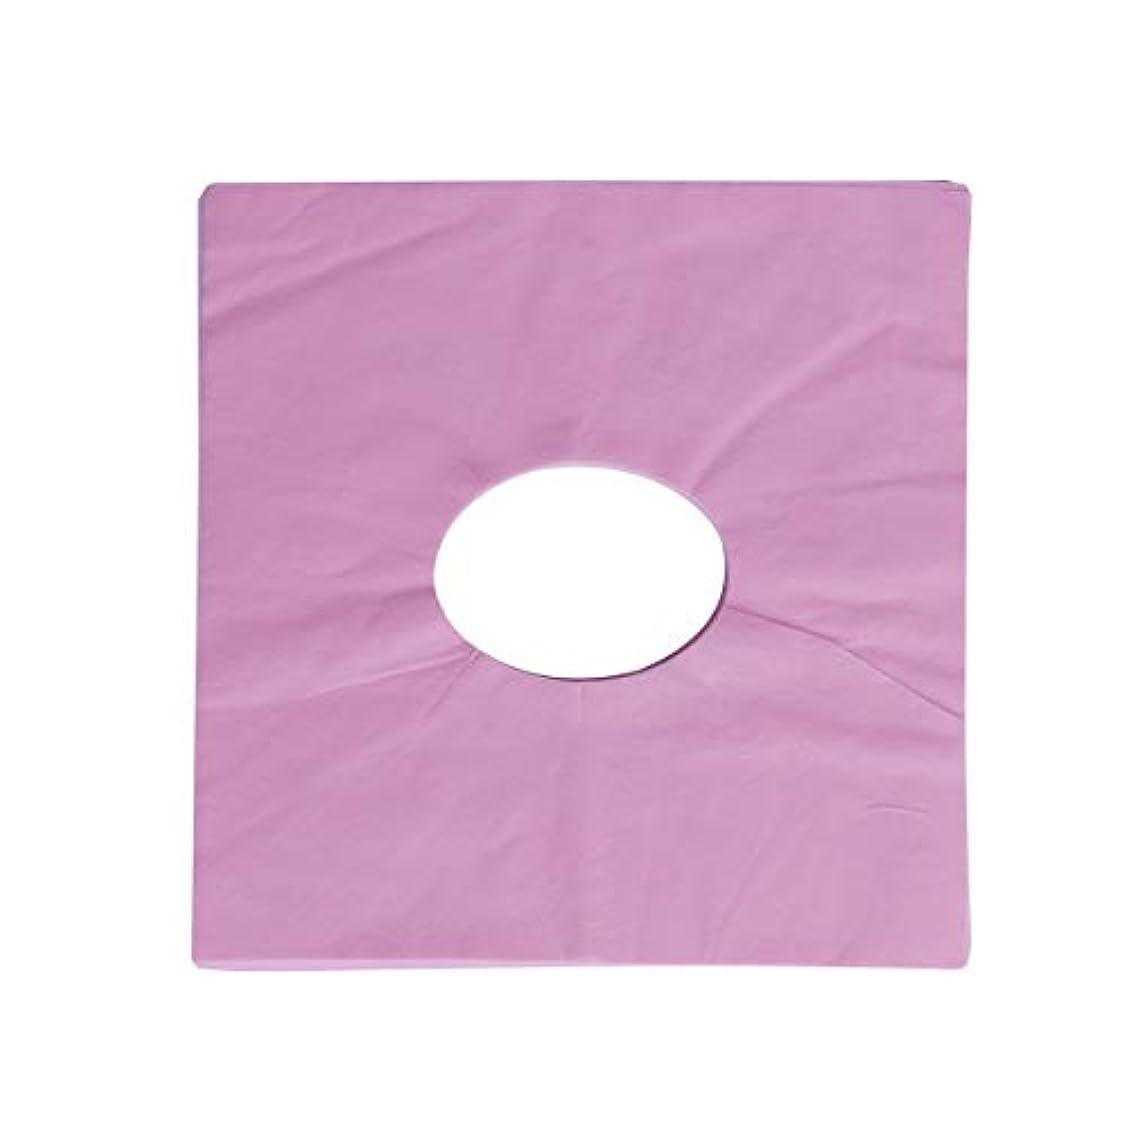 エレガントそれからバドミントンHealifty 100ピース使い捨てマッサージフェイスクレードルカバーフェイスマッサージヘッドレストカバースパ用美容院マッサージ(ピンク)